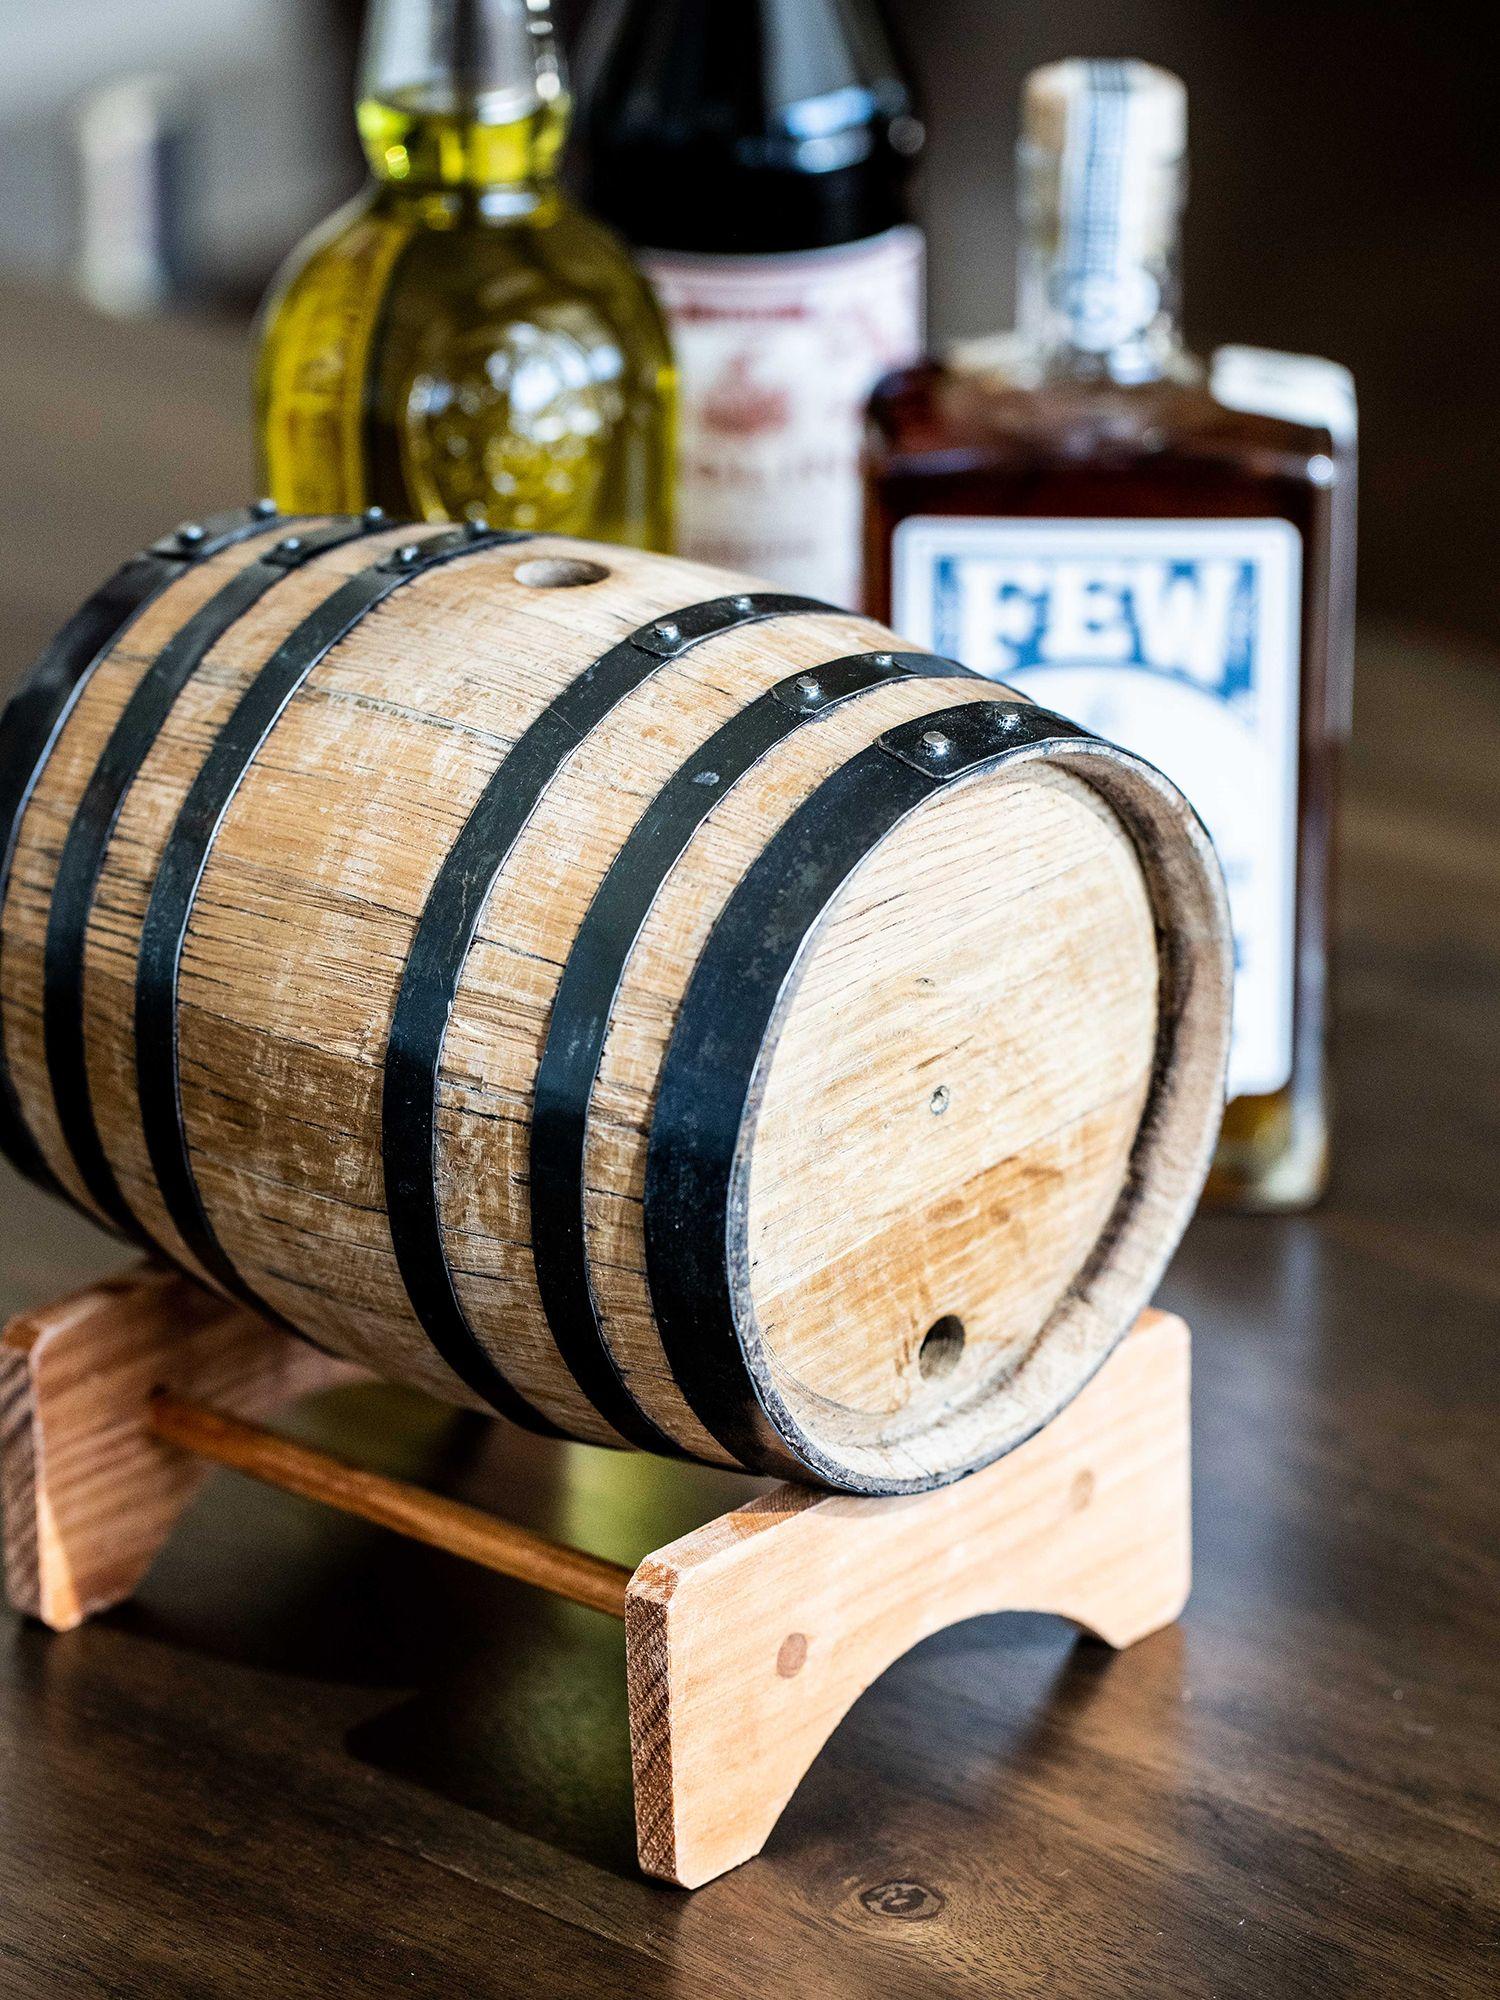 How To Make Barrel Aged Cocktails At Home Cocktails Barrel Oak Barrel